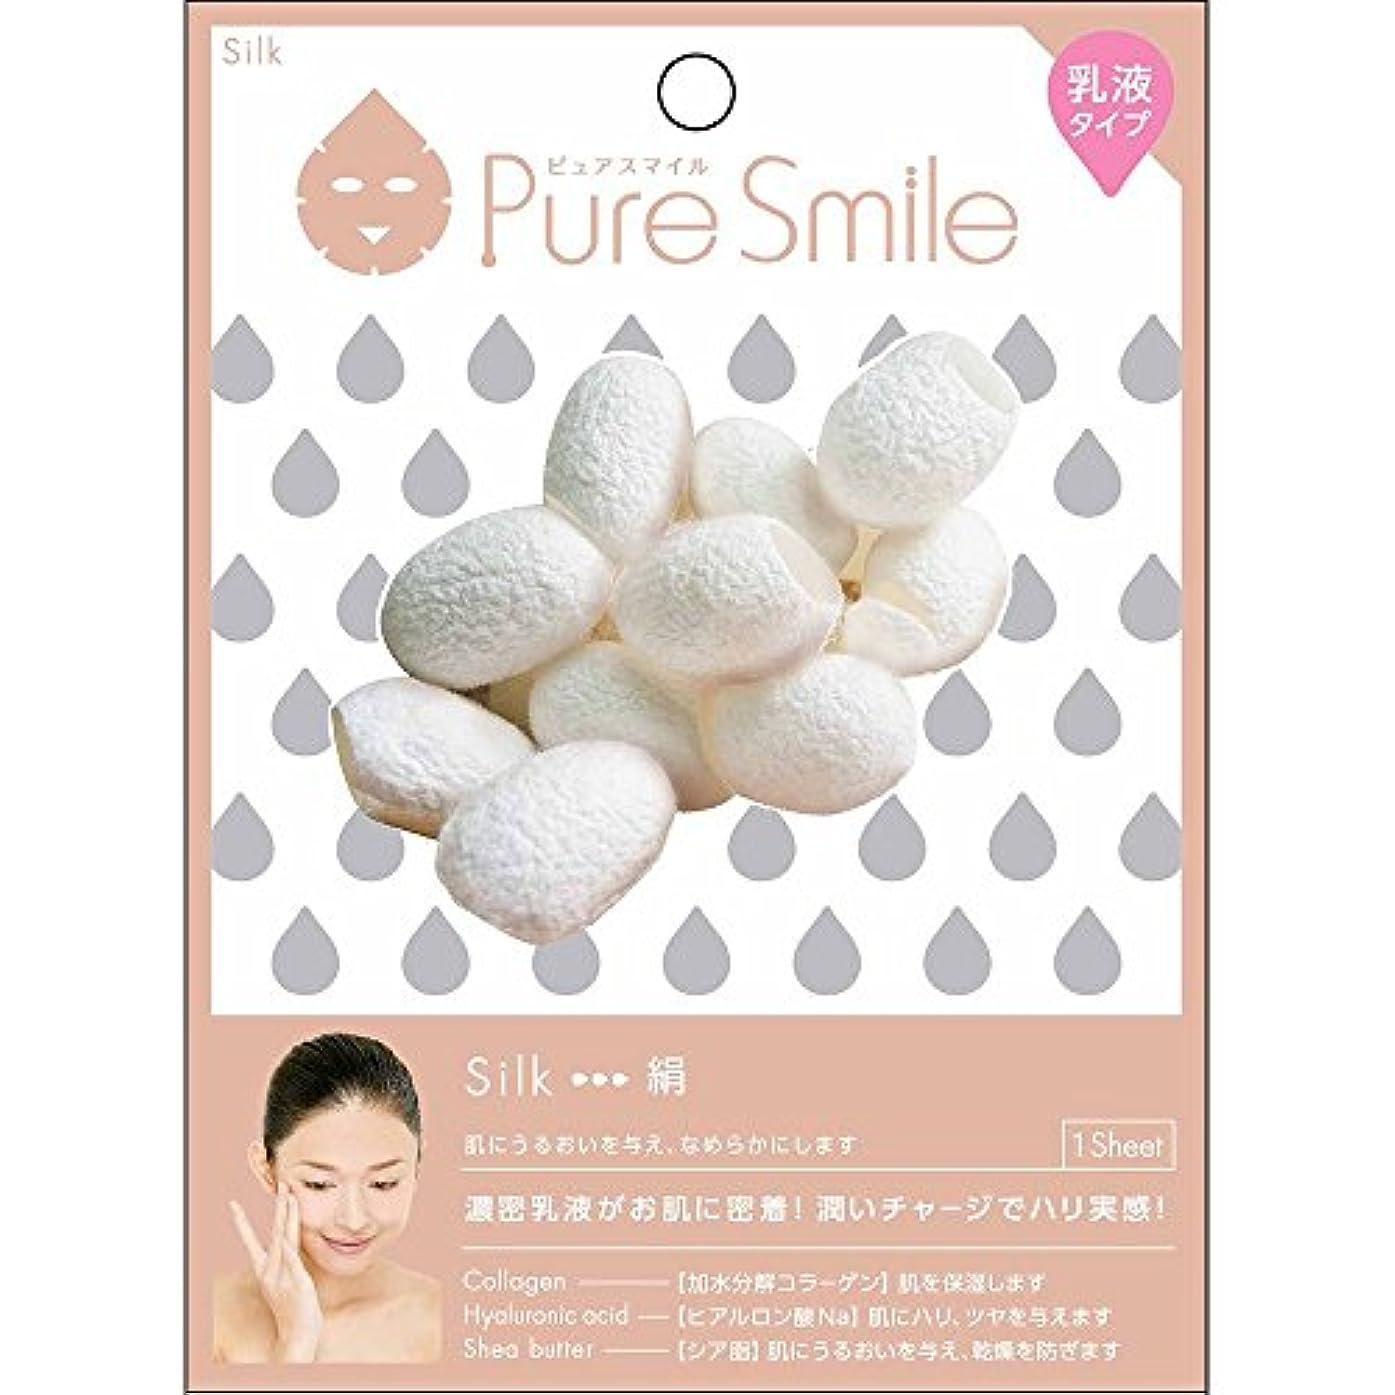 発掘するある誤ってPure Smile(ピュアスマイル) 乳液エッセンスマスク 1 枚 絹